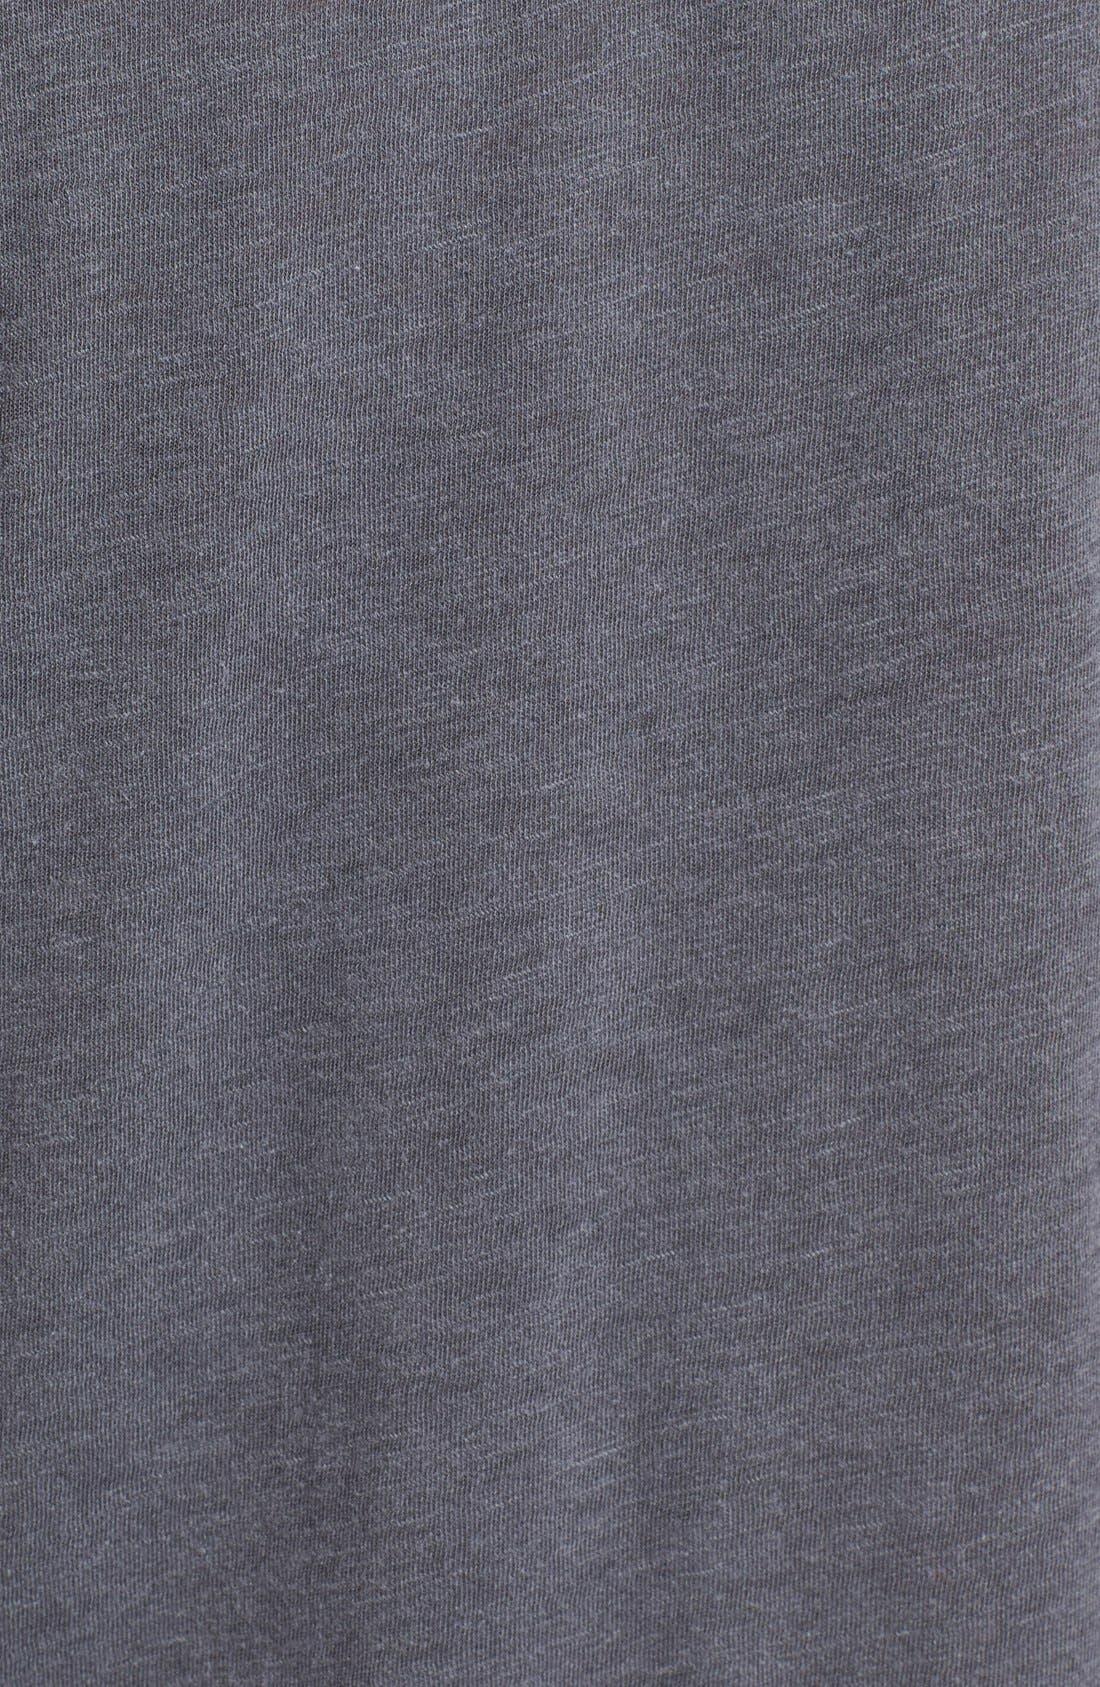 Knot Detail Slub Knit Tee,                             Alternate thumbnail 55, color,